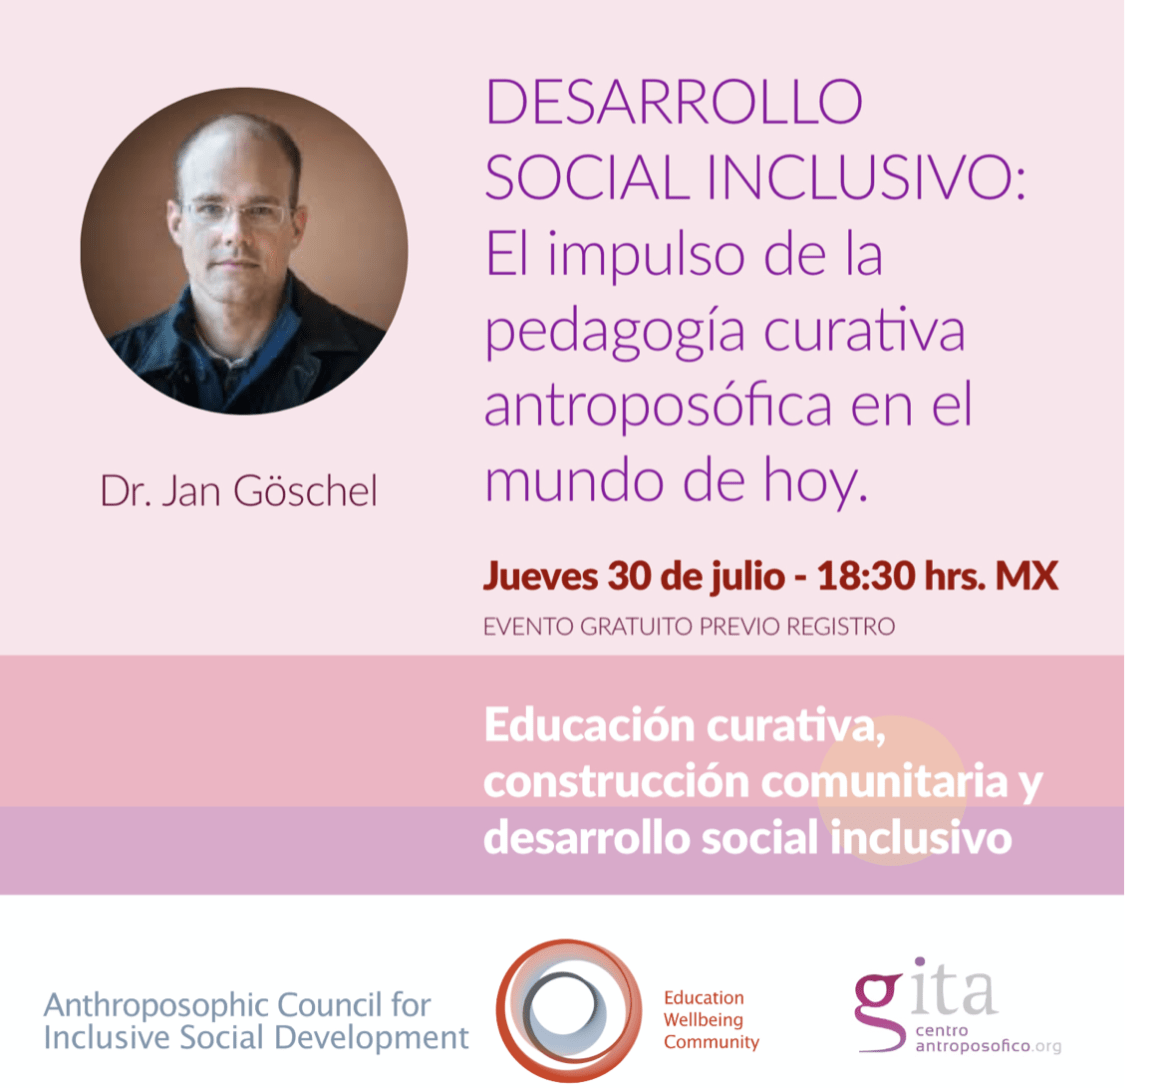 Новый открытый латиноамериканский цикл лекций